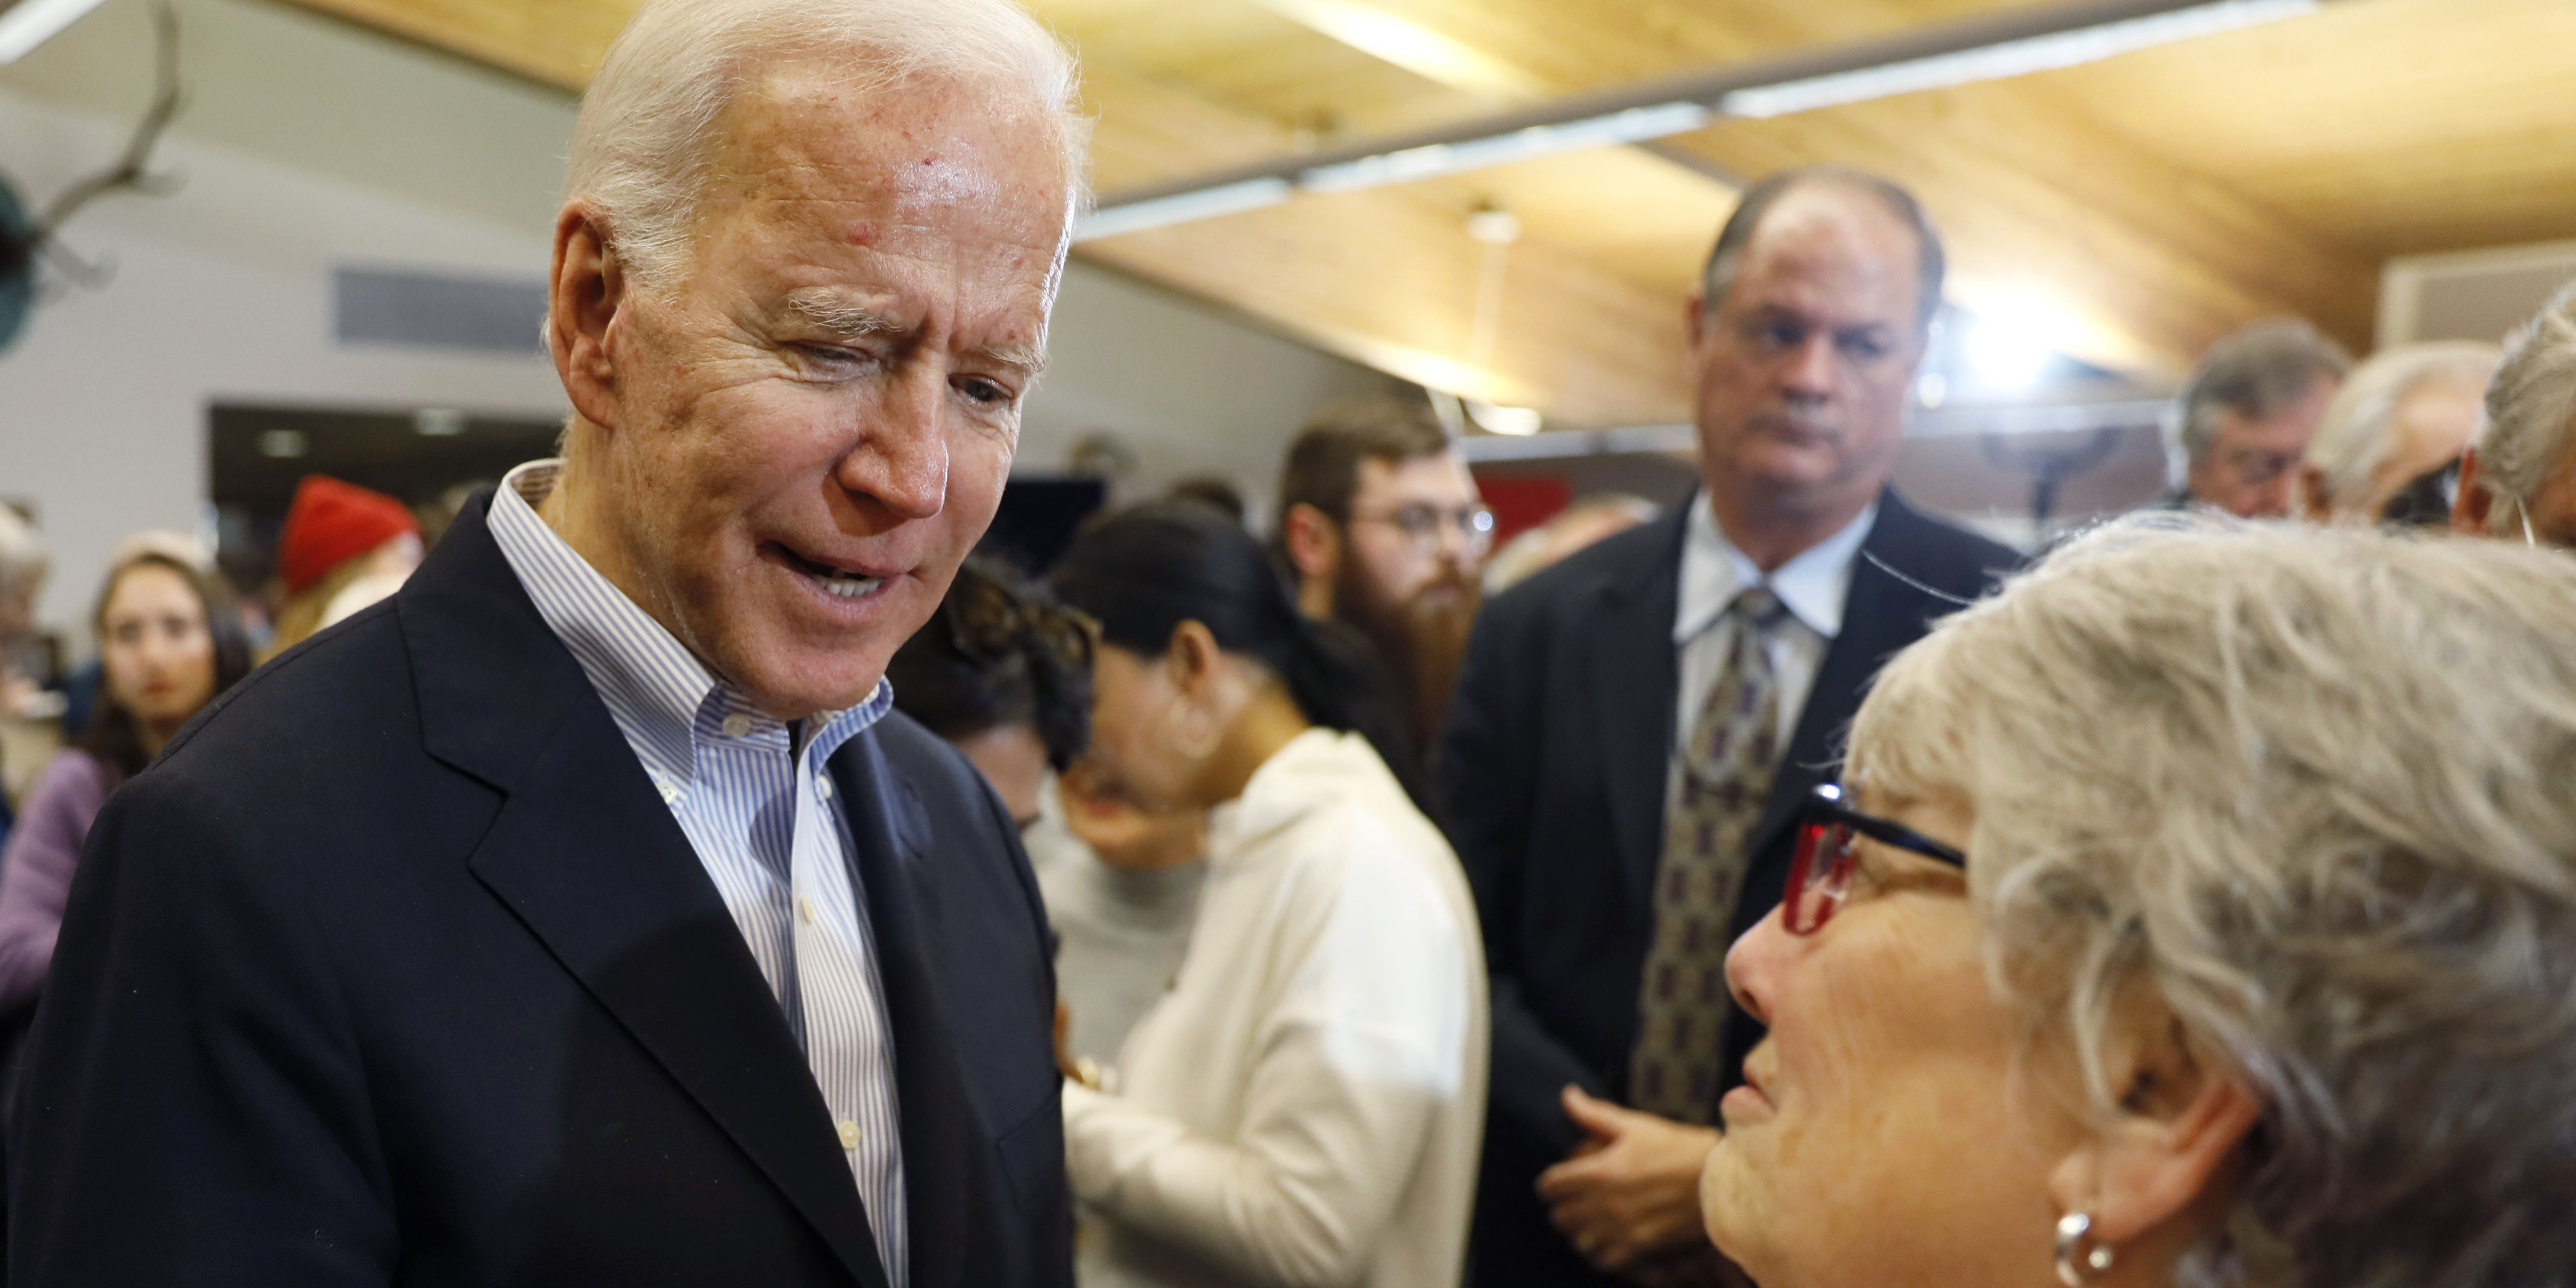 Joe Biden sees fundraising improvement after rough summer